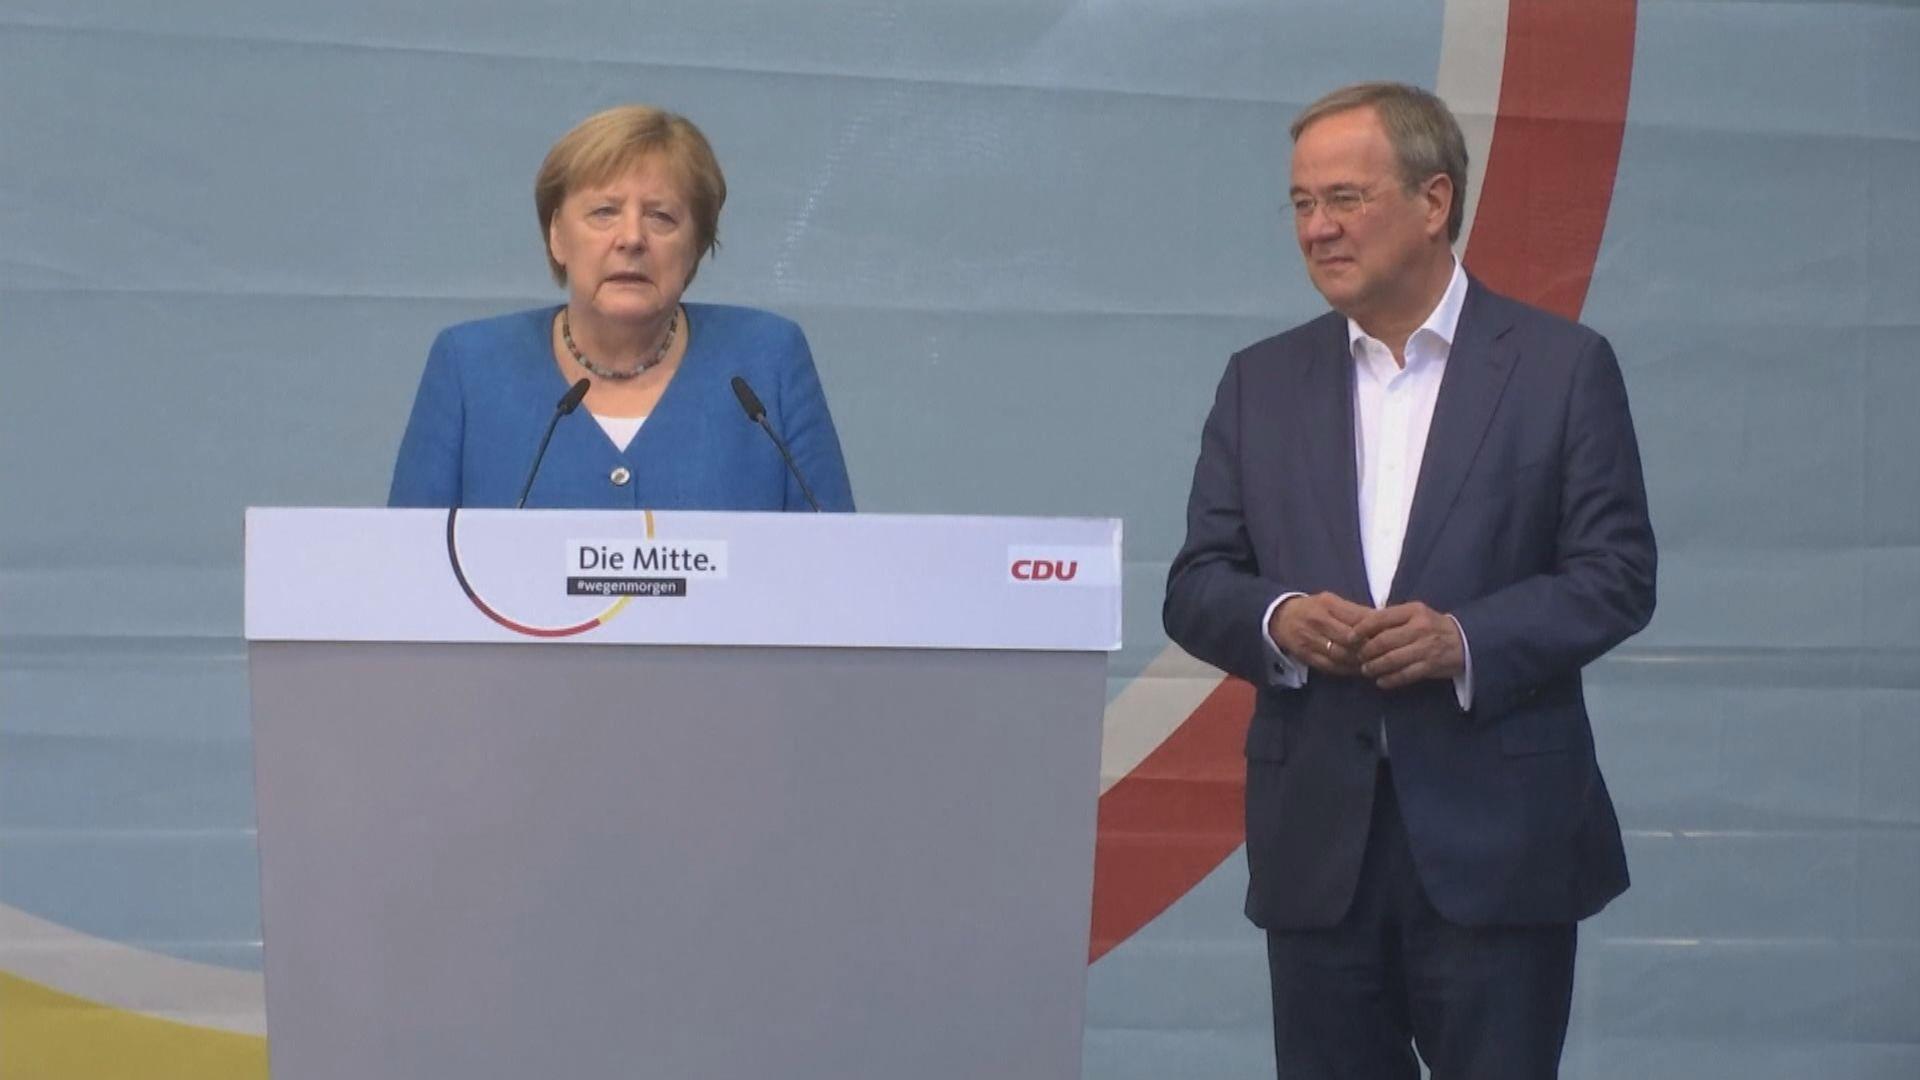 德國大選開始投票 預料或需組三黨聯合政府